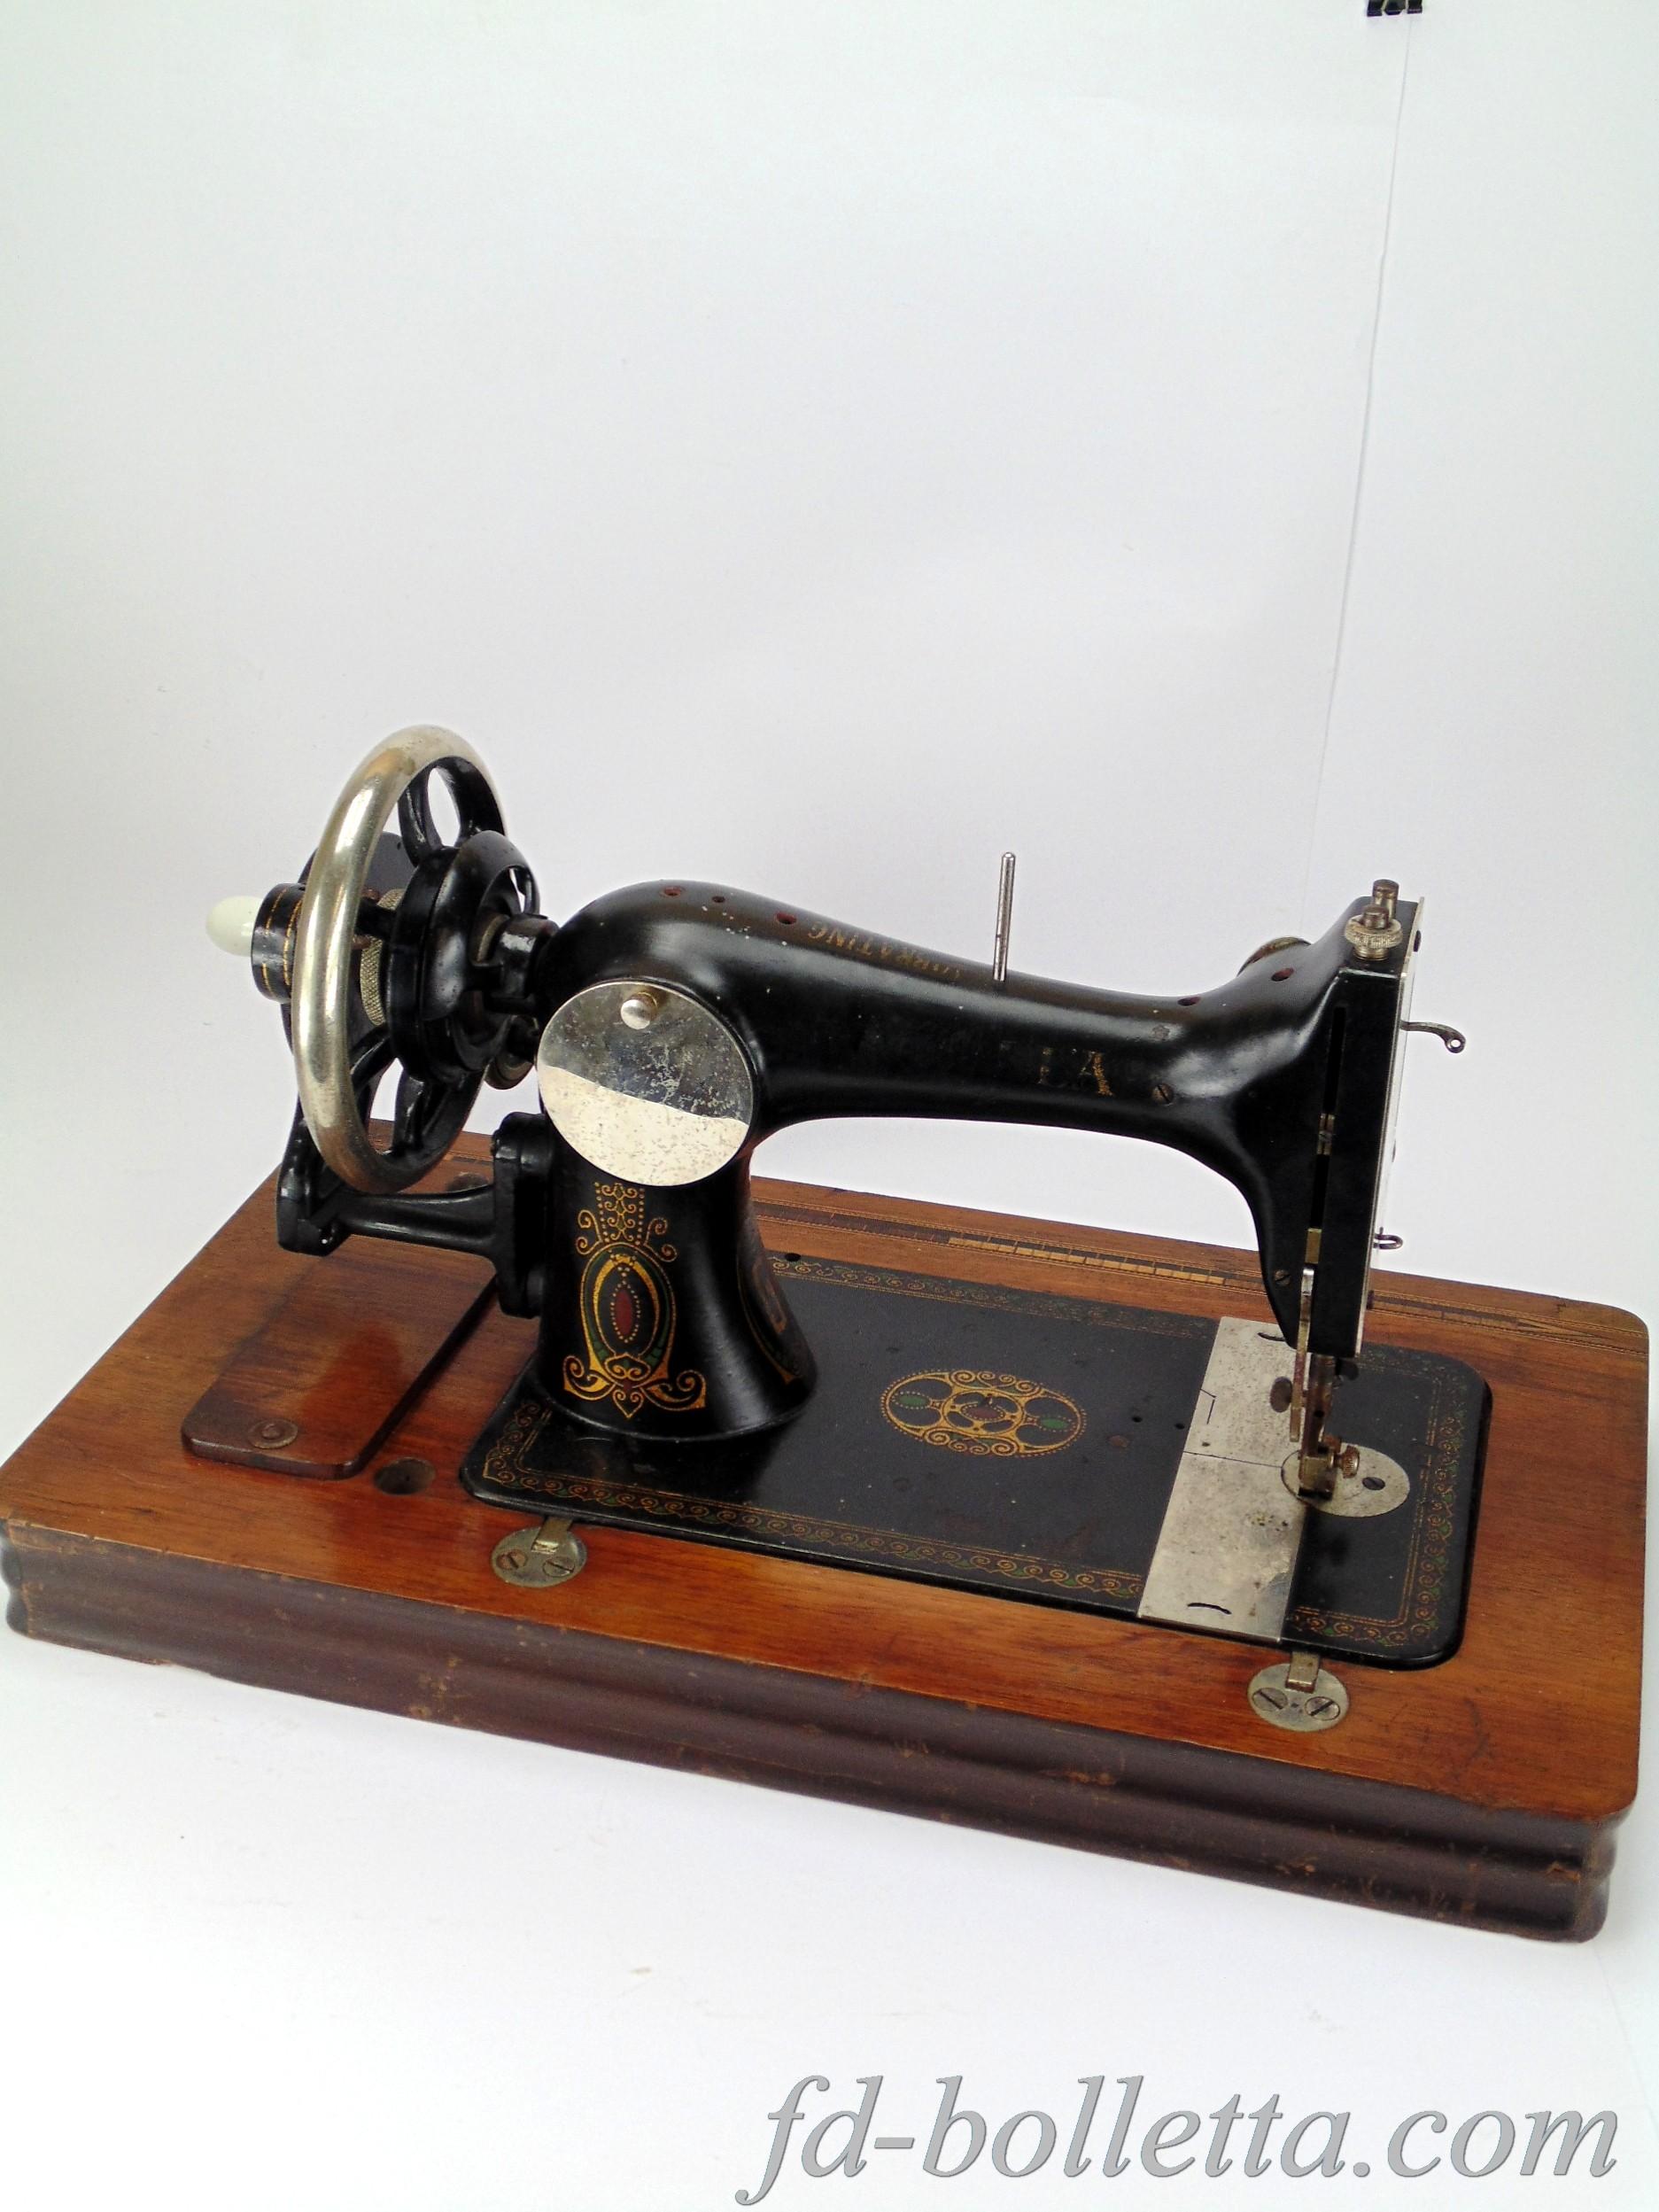 Antica macchina da cucire haid neu a643 fd bolletta lampade - Tavolo con macchina da cucire ...